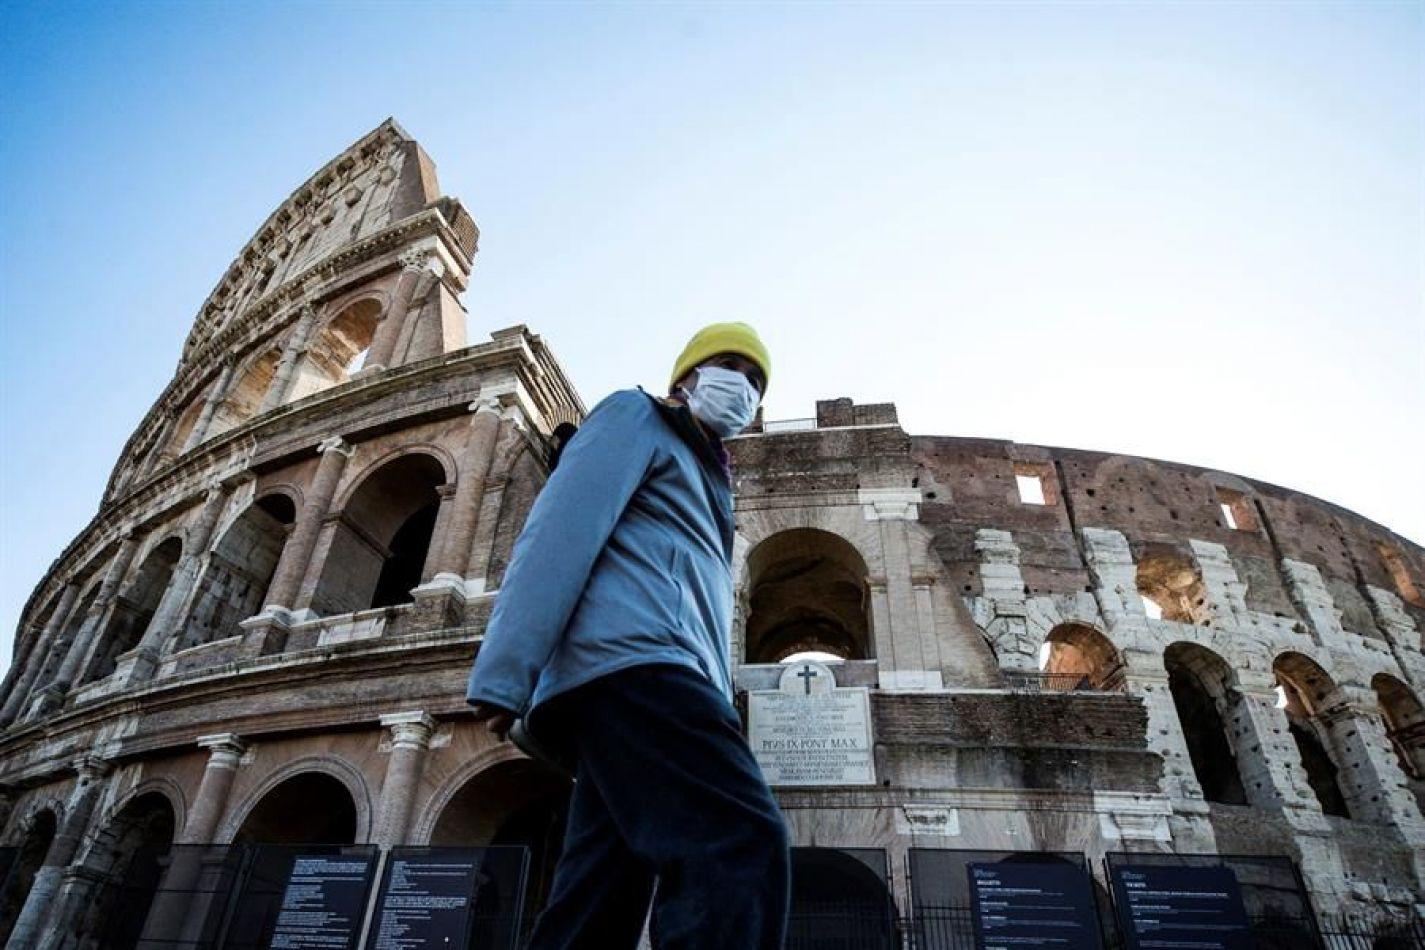 En Italia repuntó los números de fallecidos, más de 3800 en 7 días.